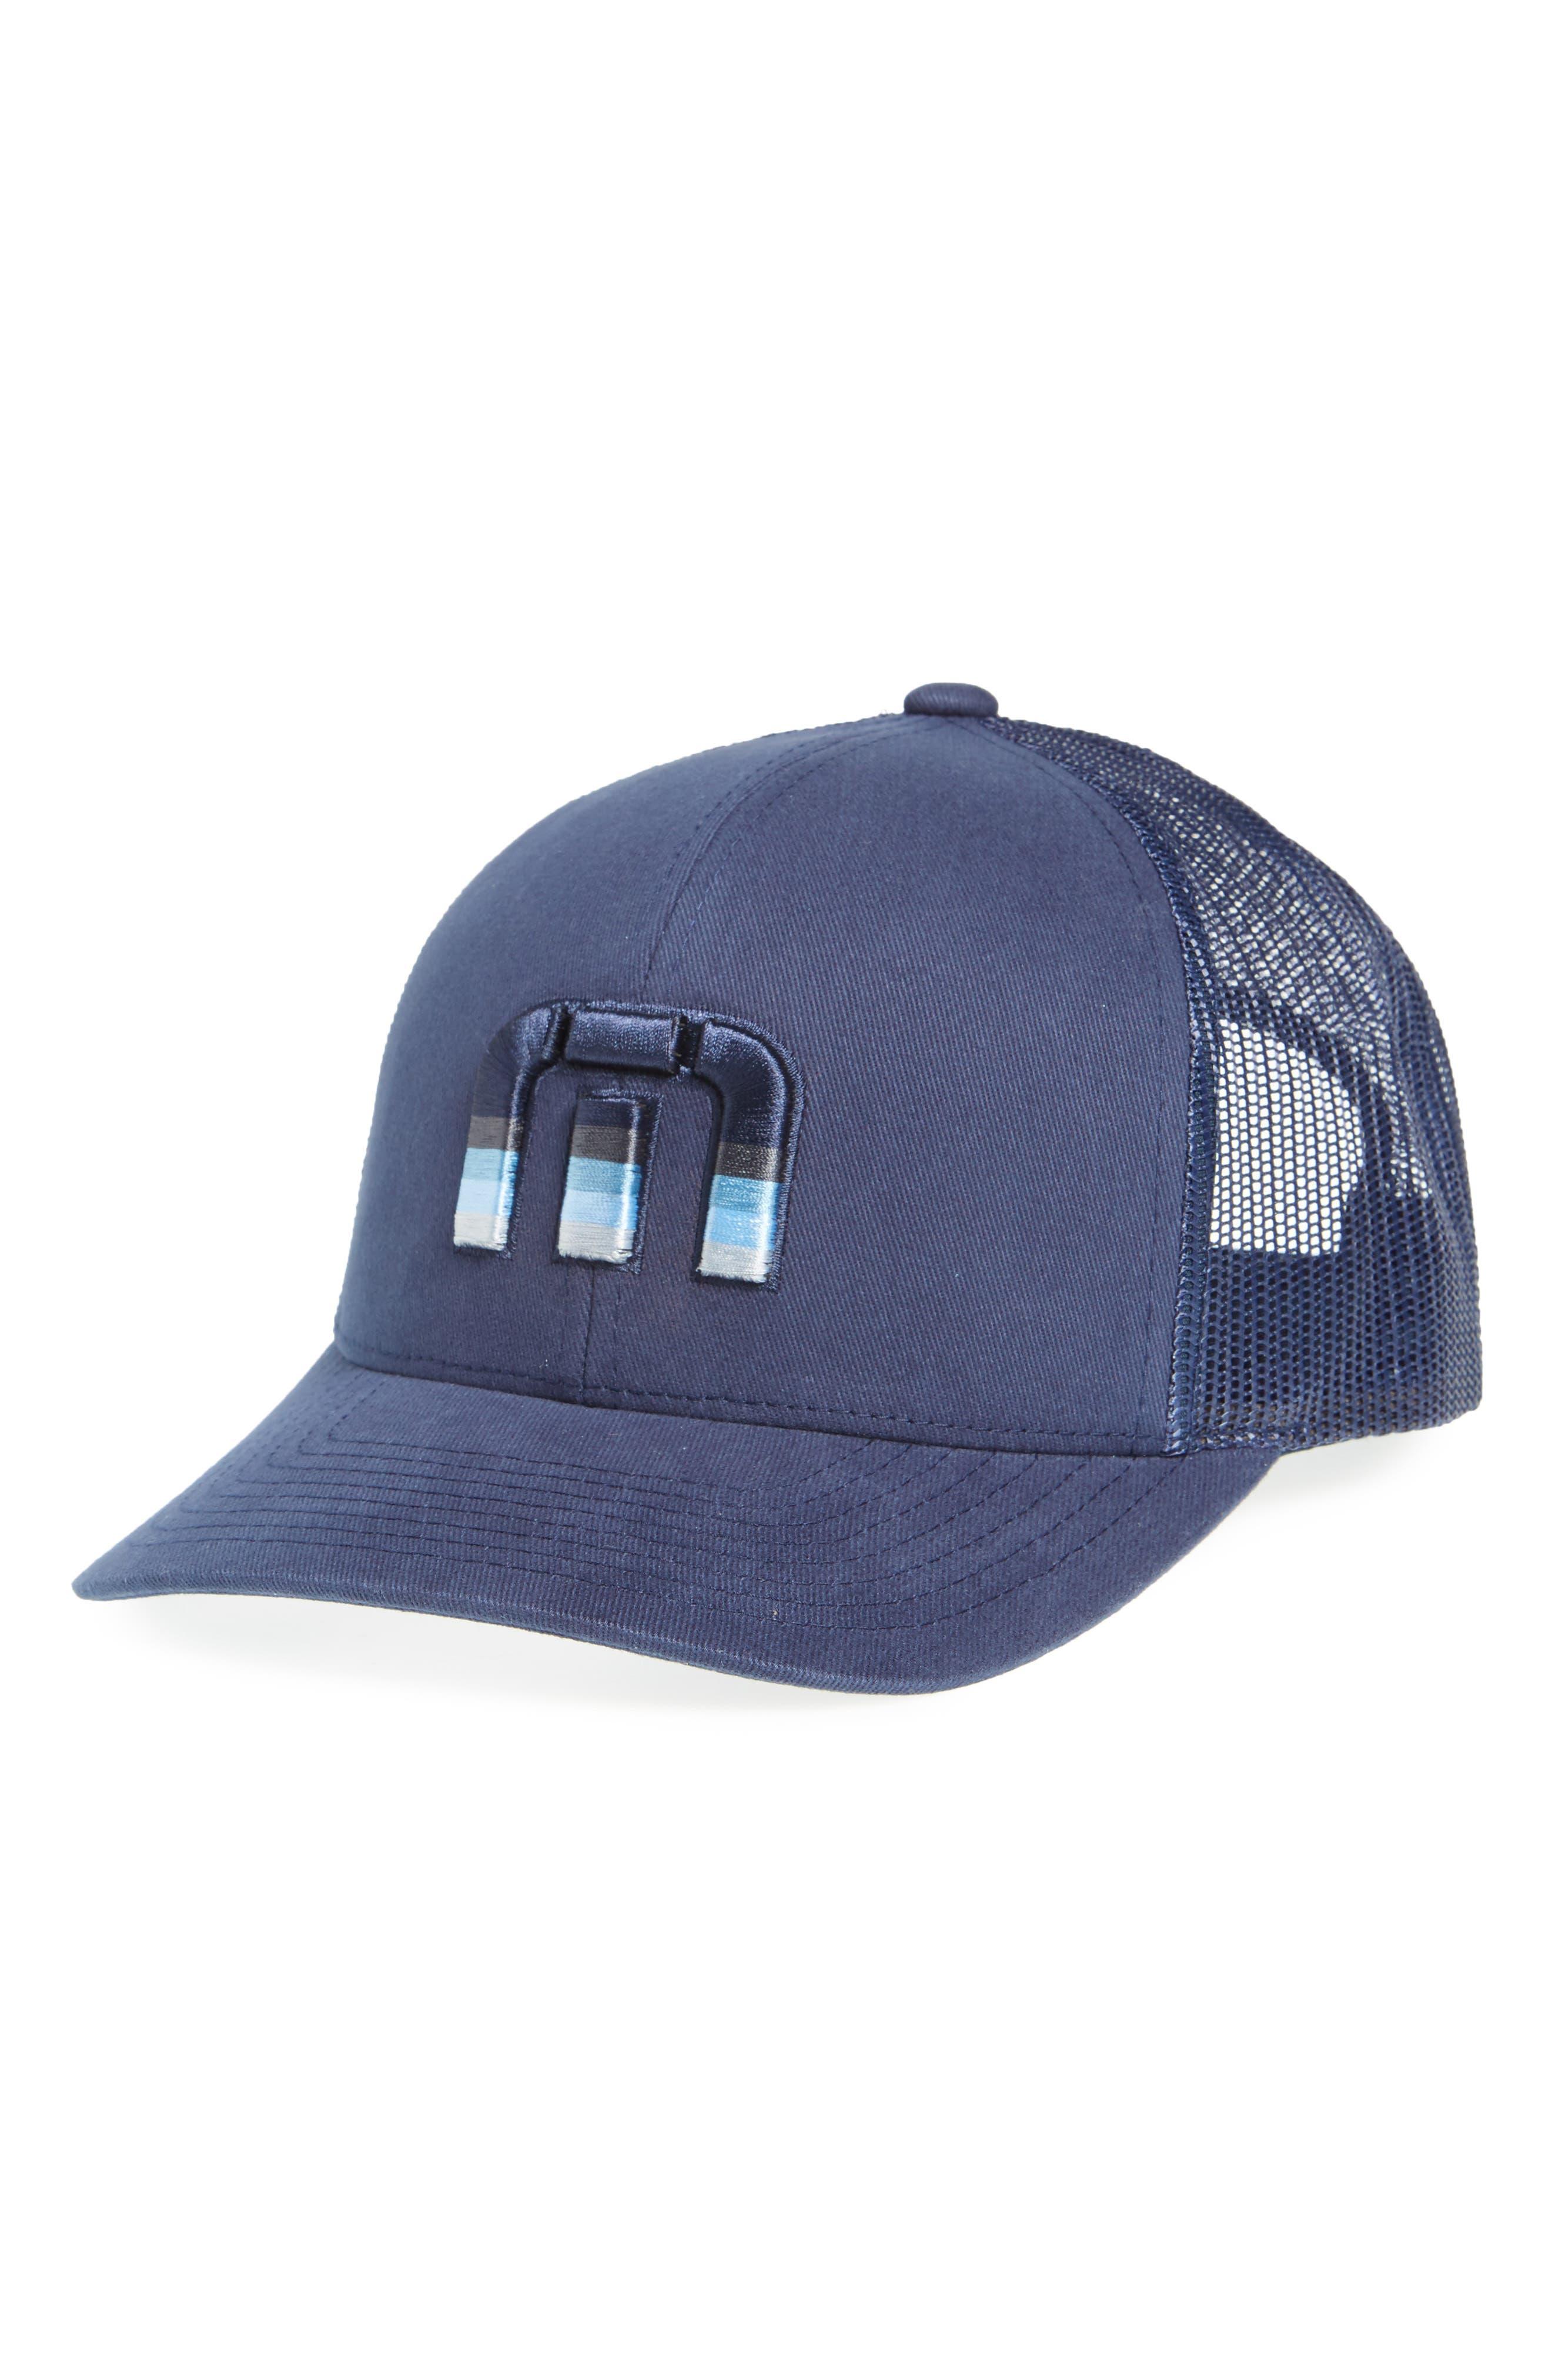 TRAVIS MATHEW Trucker Hat